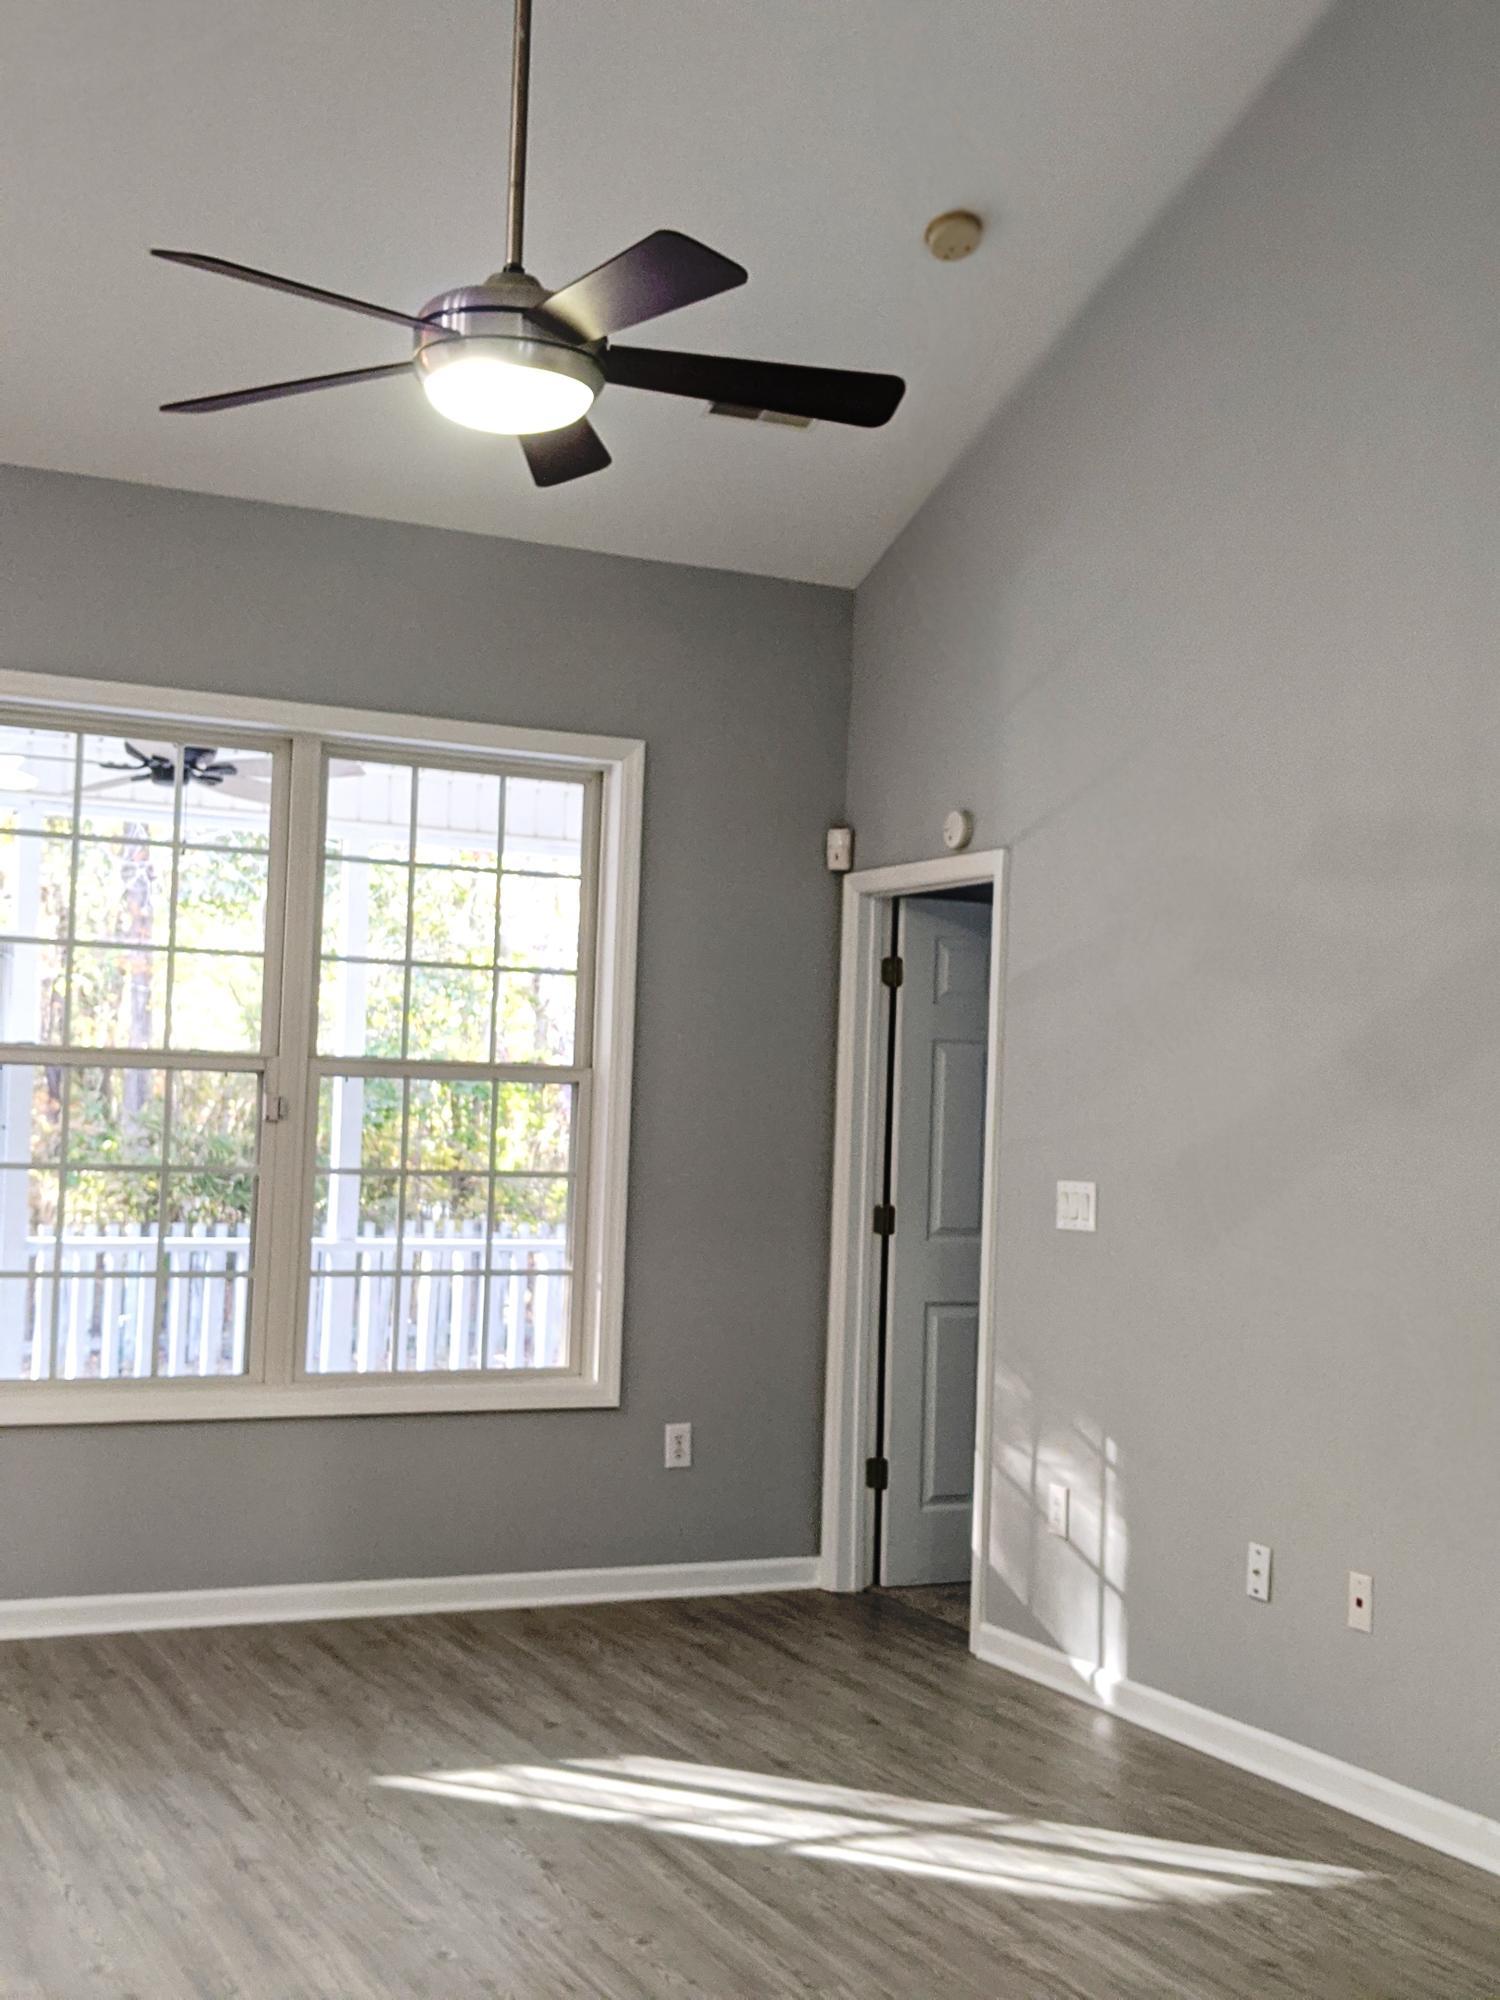 Park West Homes For Sale - 2131 Baldwin Park, Mount Pleasant, SC - 18